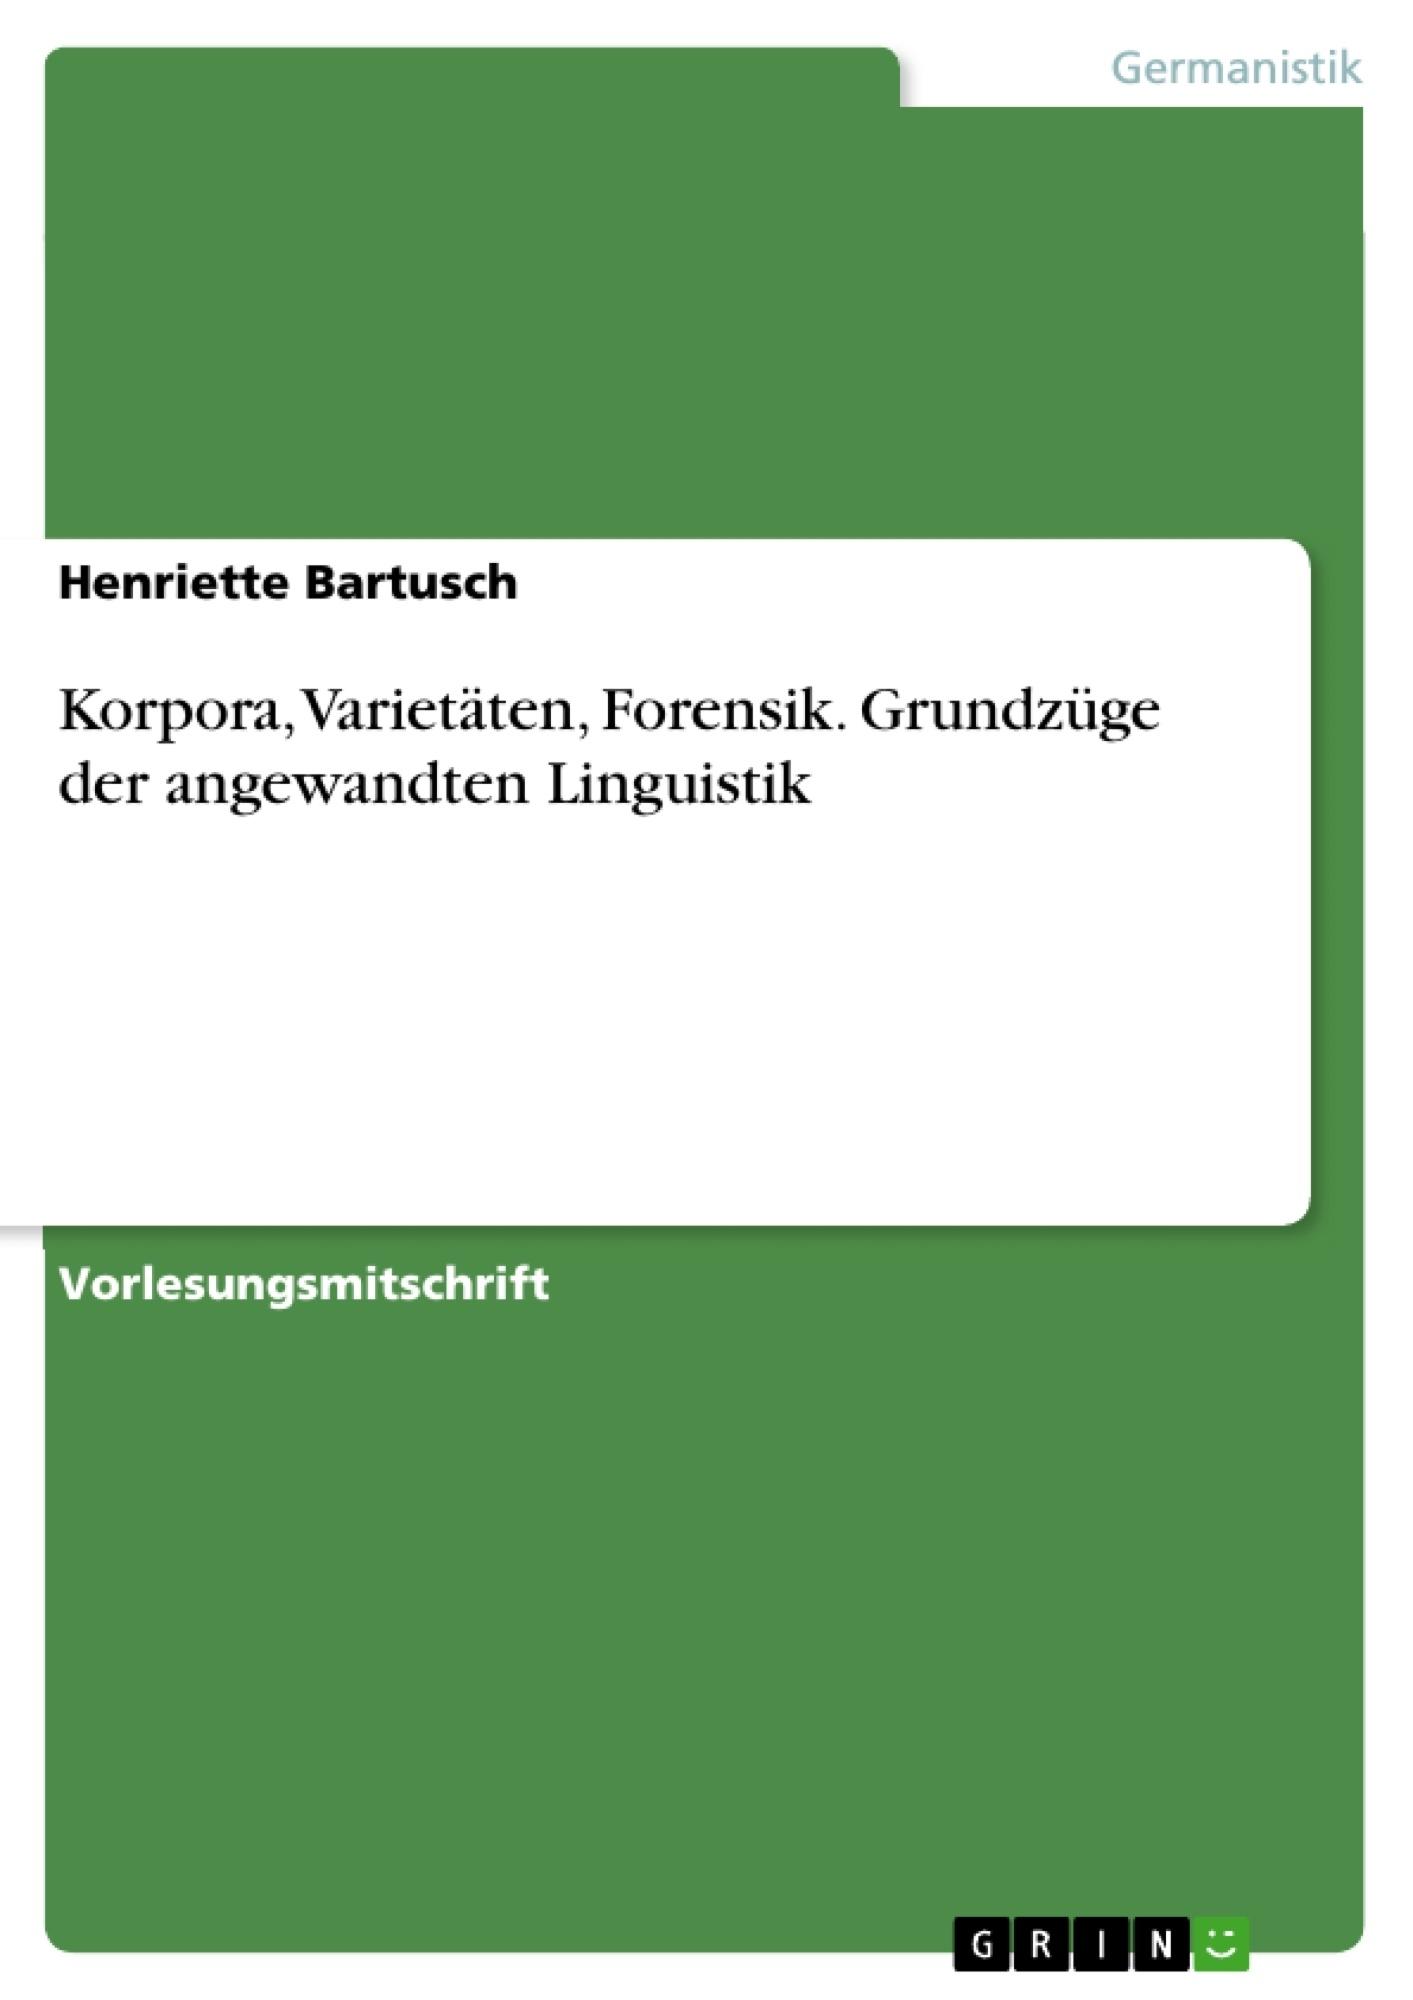 Titel: Korpora, Varietäten, Forensik. Grundzüge der angewandten Linguistik